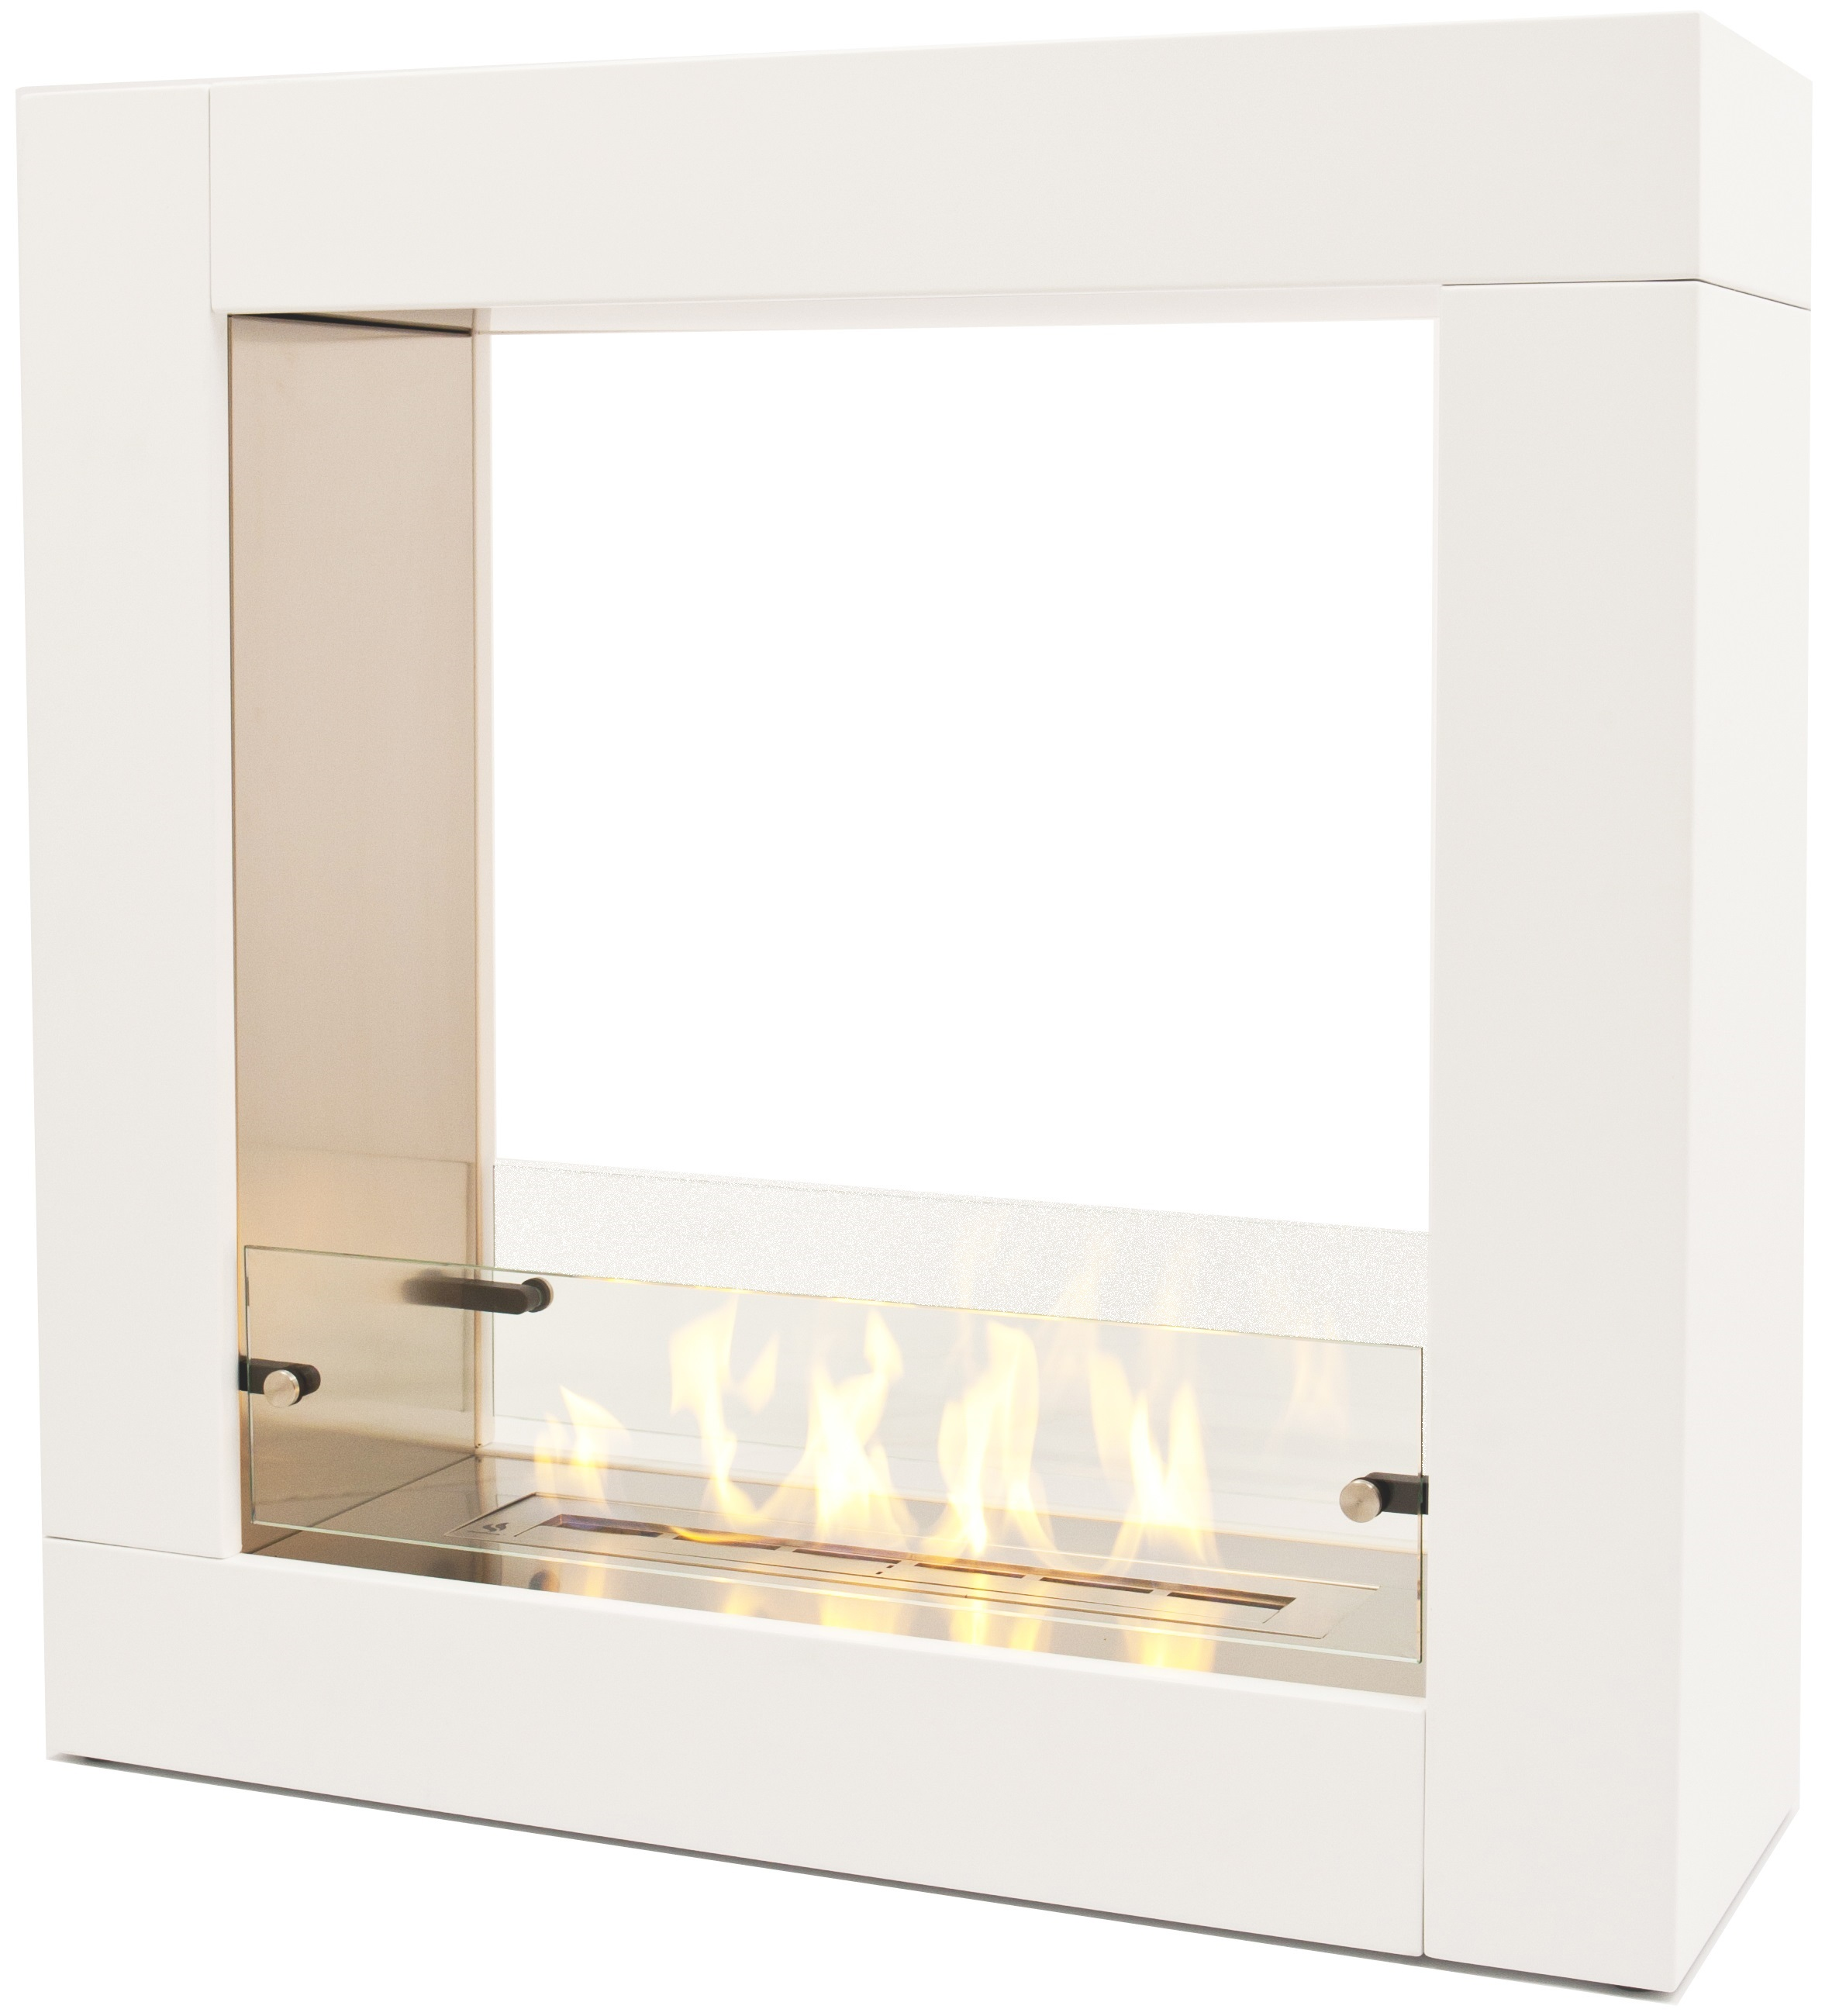 Wimpel Sydney gulvmodell hvit med polert innside